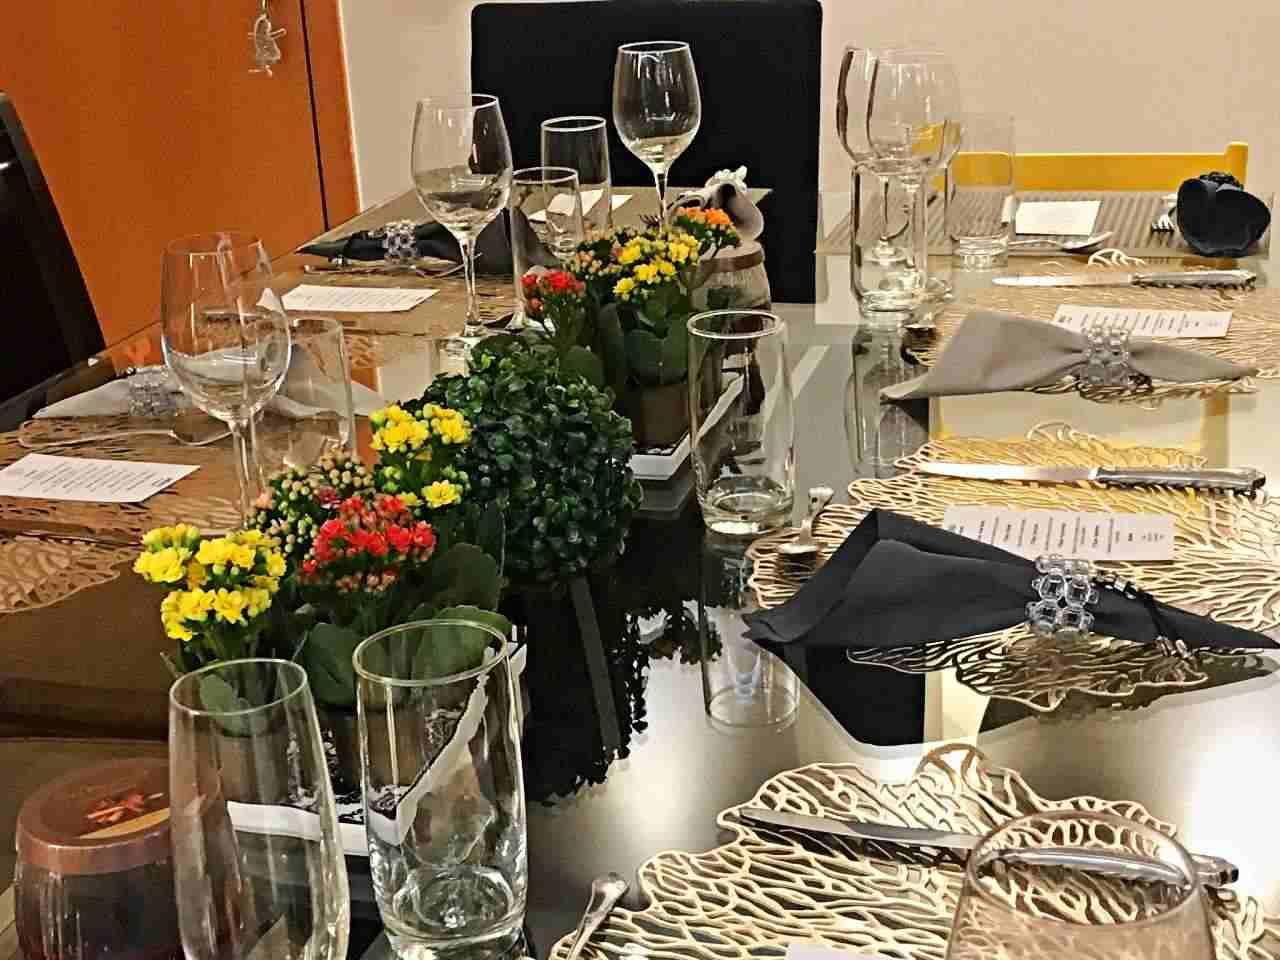 Mesa decorada jantar com amigos